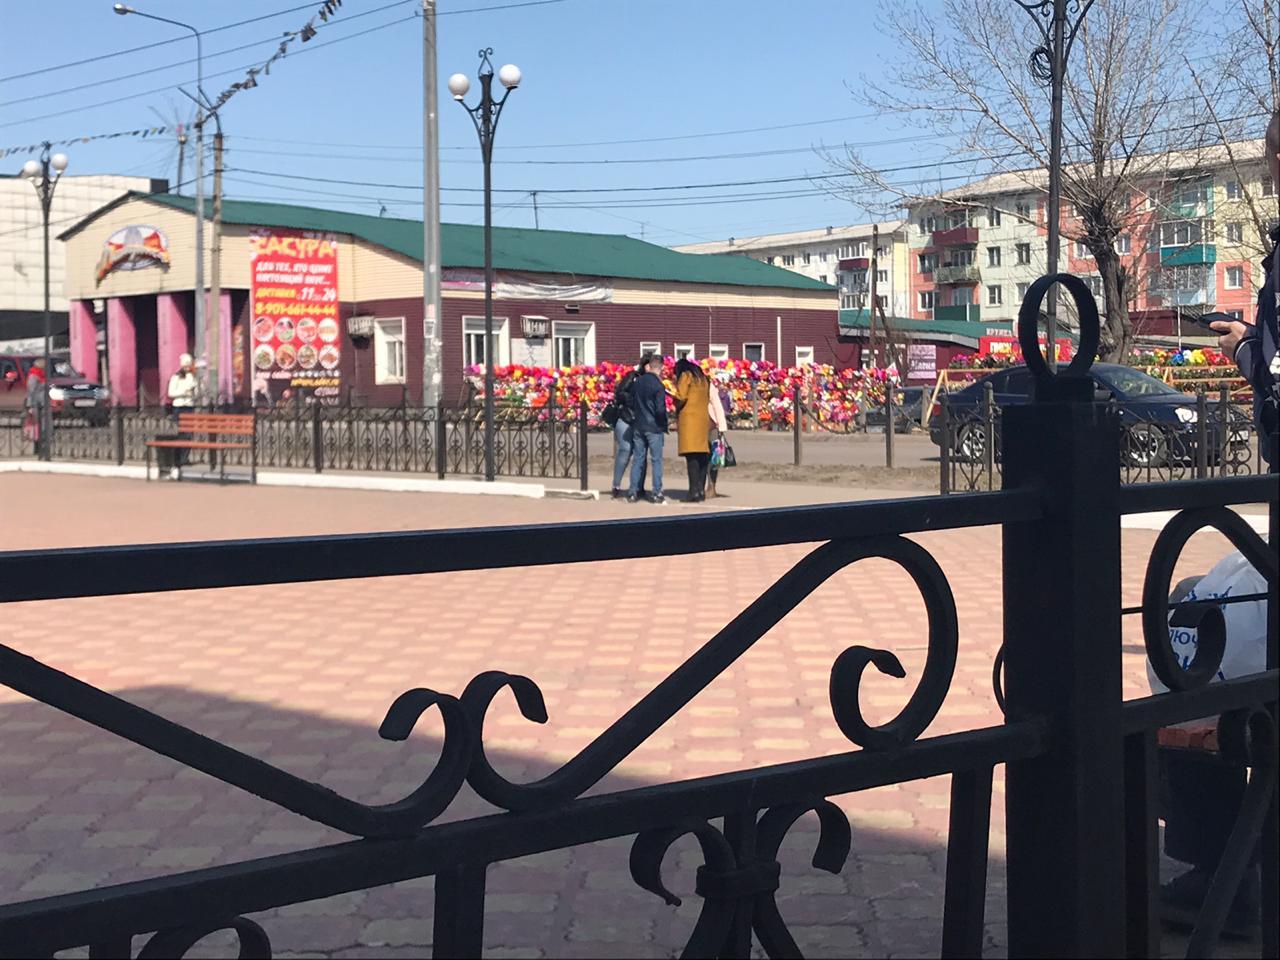 24 апреля с 12.00 по 13.00 по информации, содержащейся в уведомлении о проведении пикетирования группой лиц в городе Черемхово против антинародной реформы здравоохранения в городе, на площади перед ДК М.Горького и с 14.00 по 15.00 часов у памятника и…